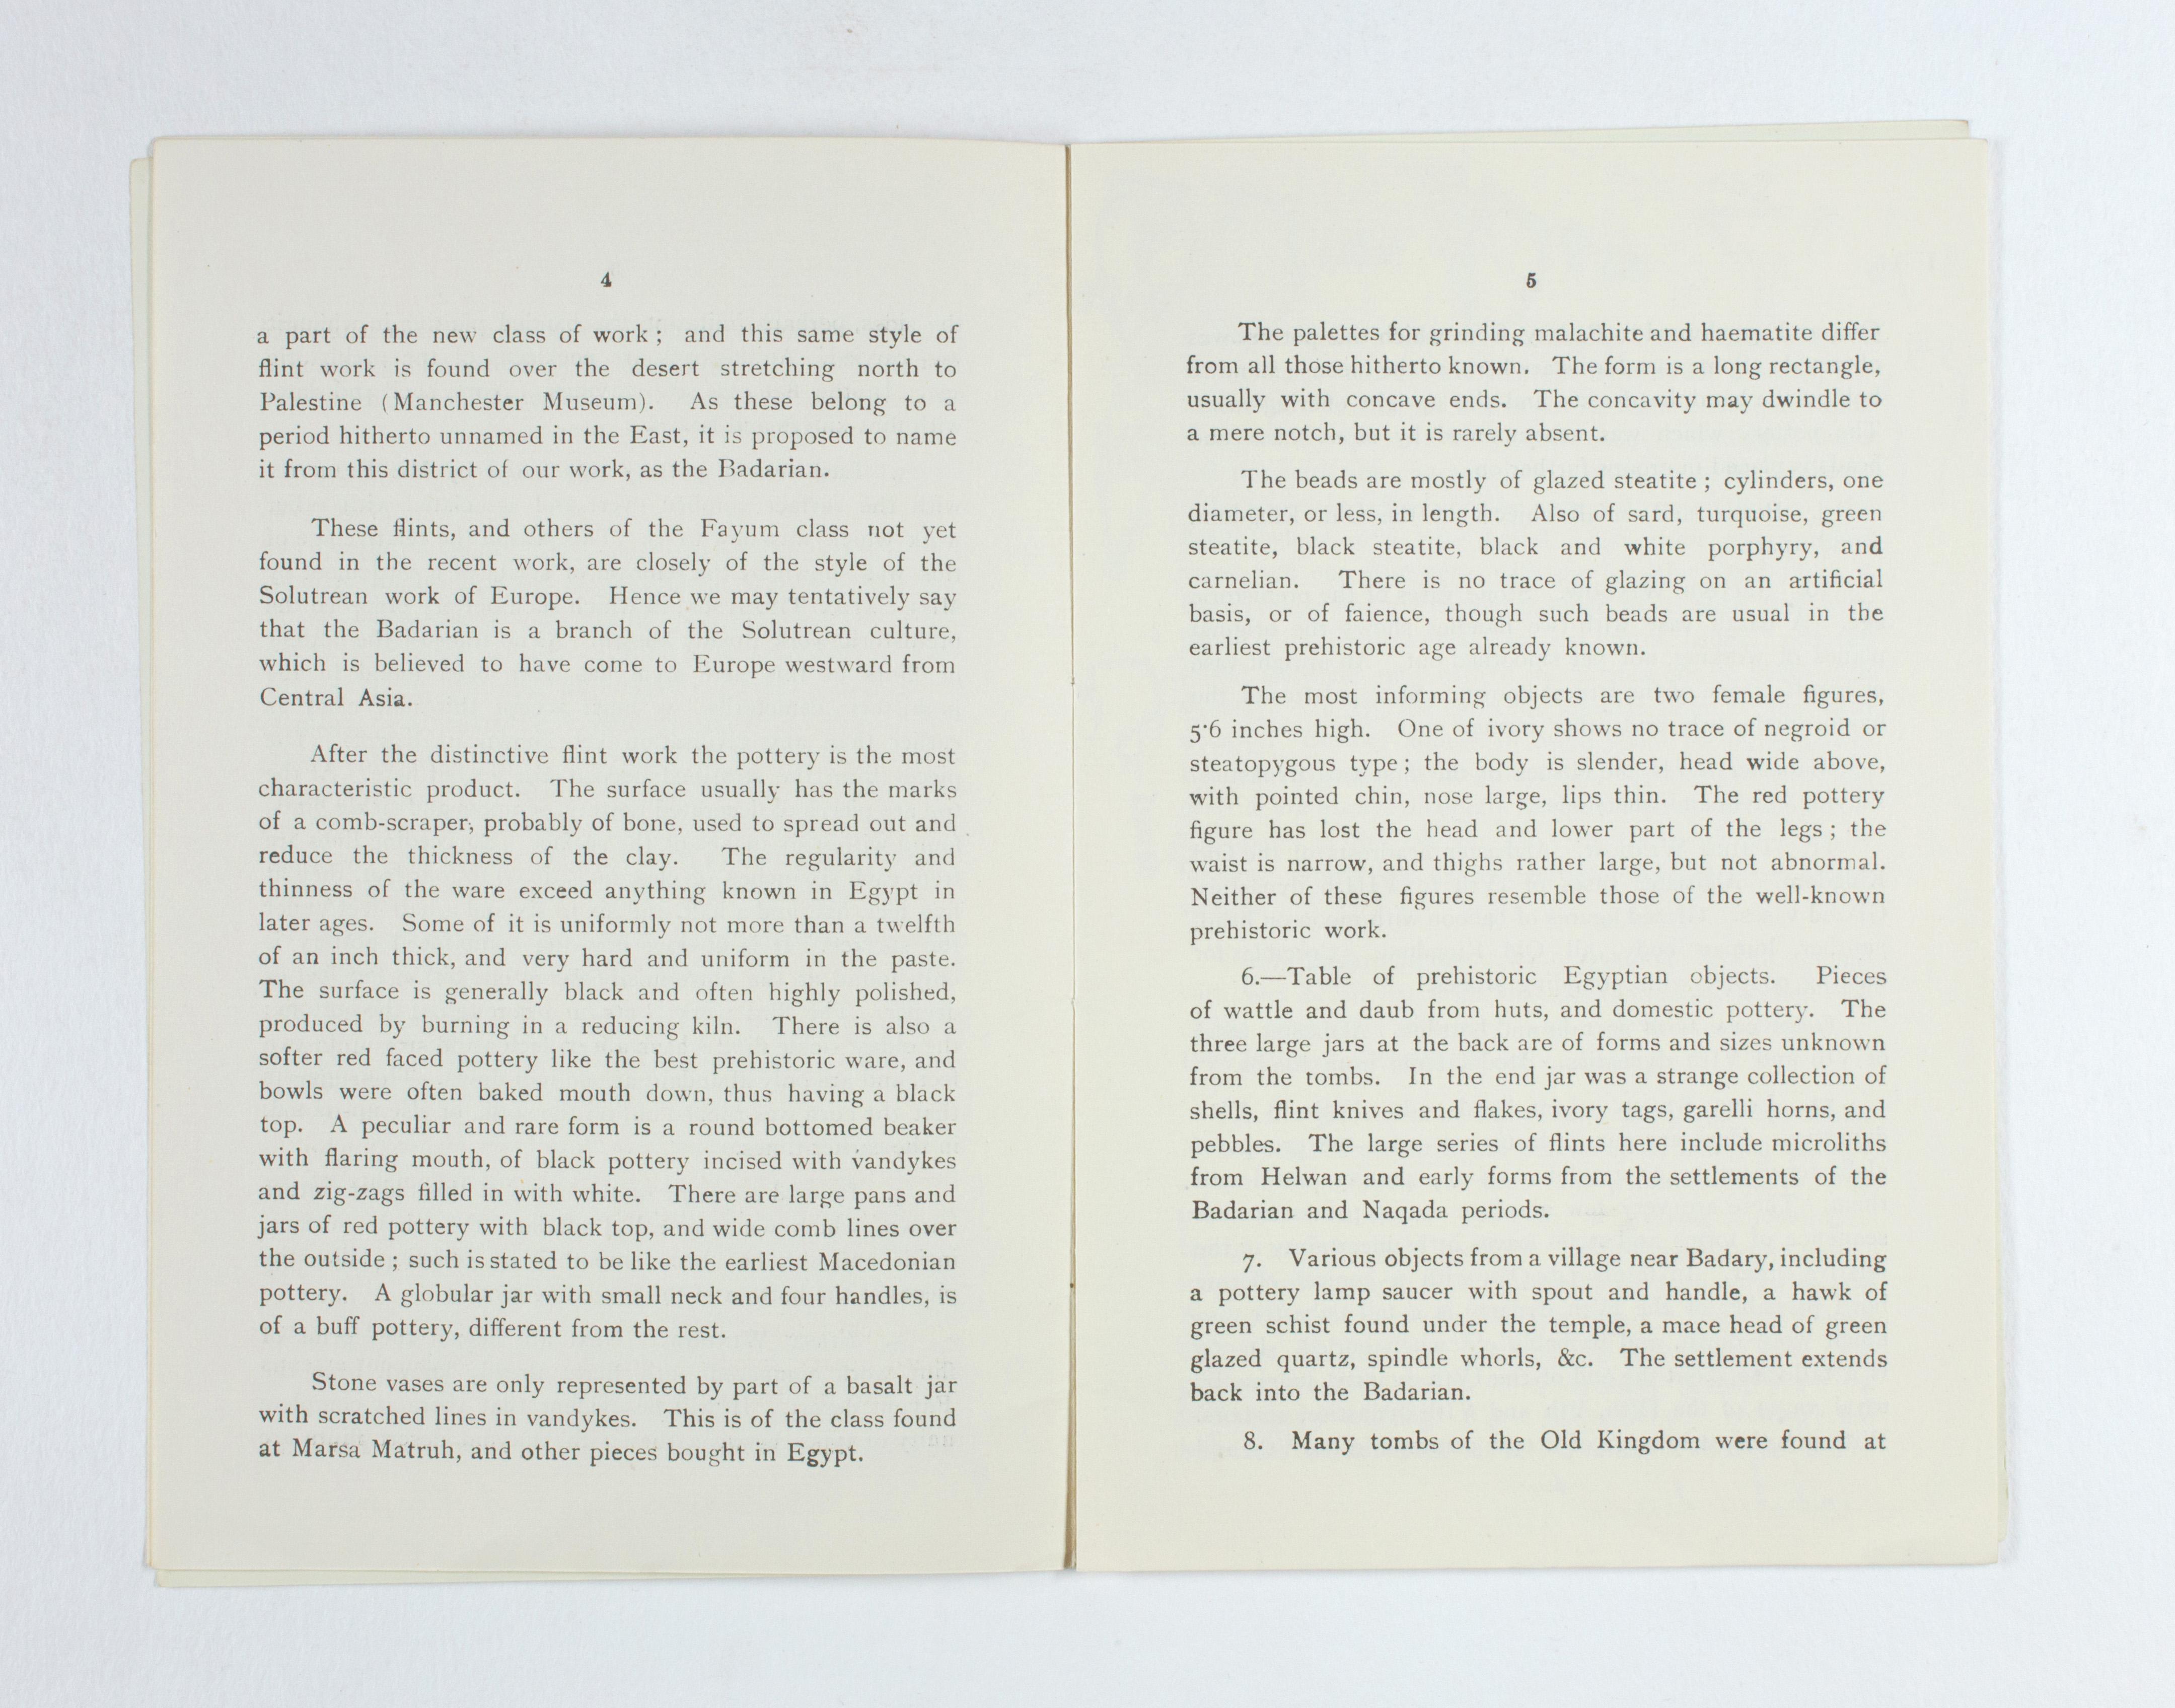 1923-24 Qau el-Kebir, Hemamieh Exhibition catalogue PMA/WFP1/D/27/29.4